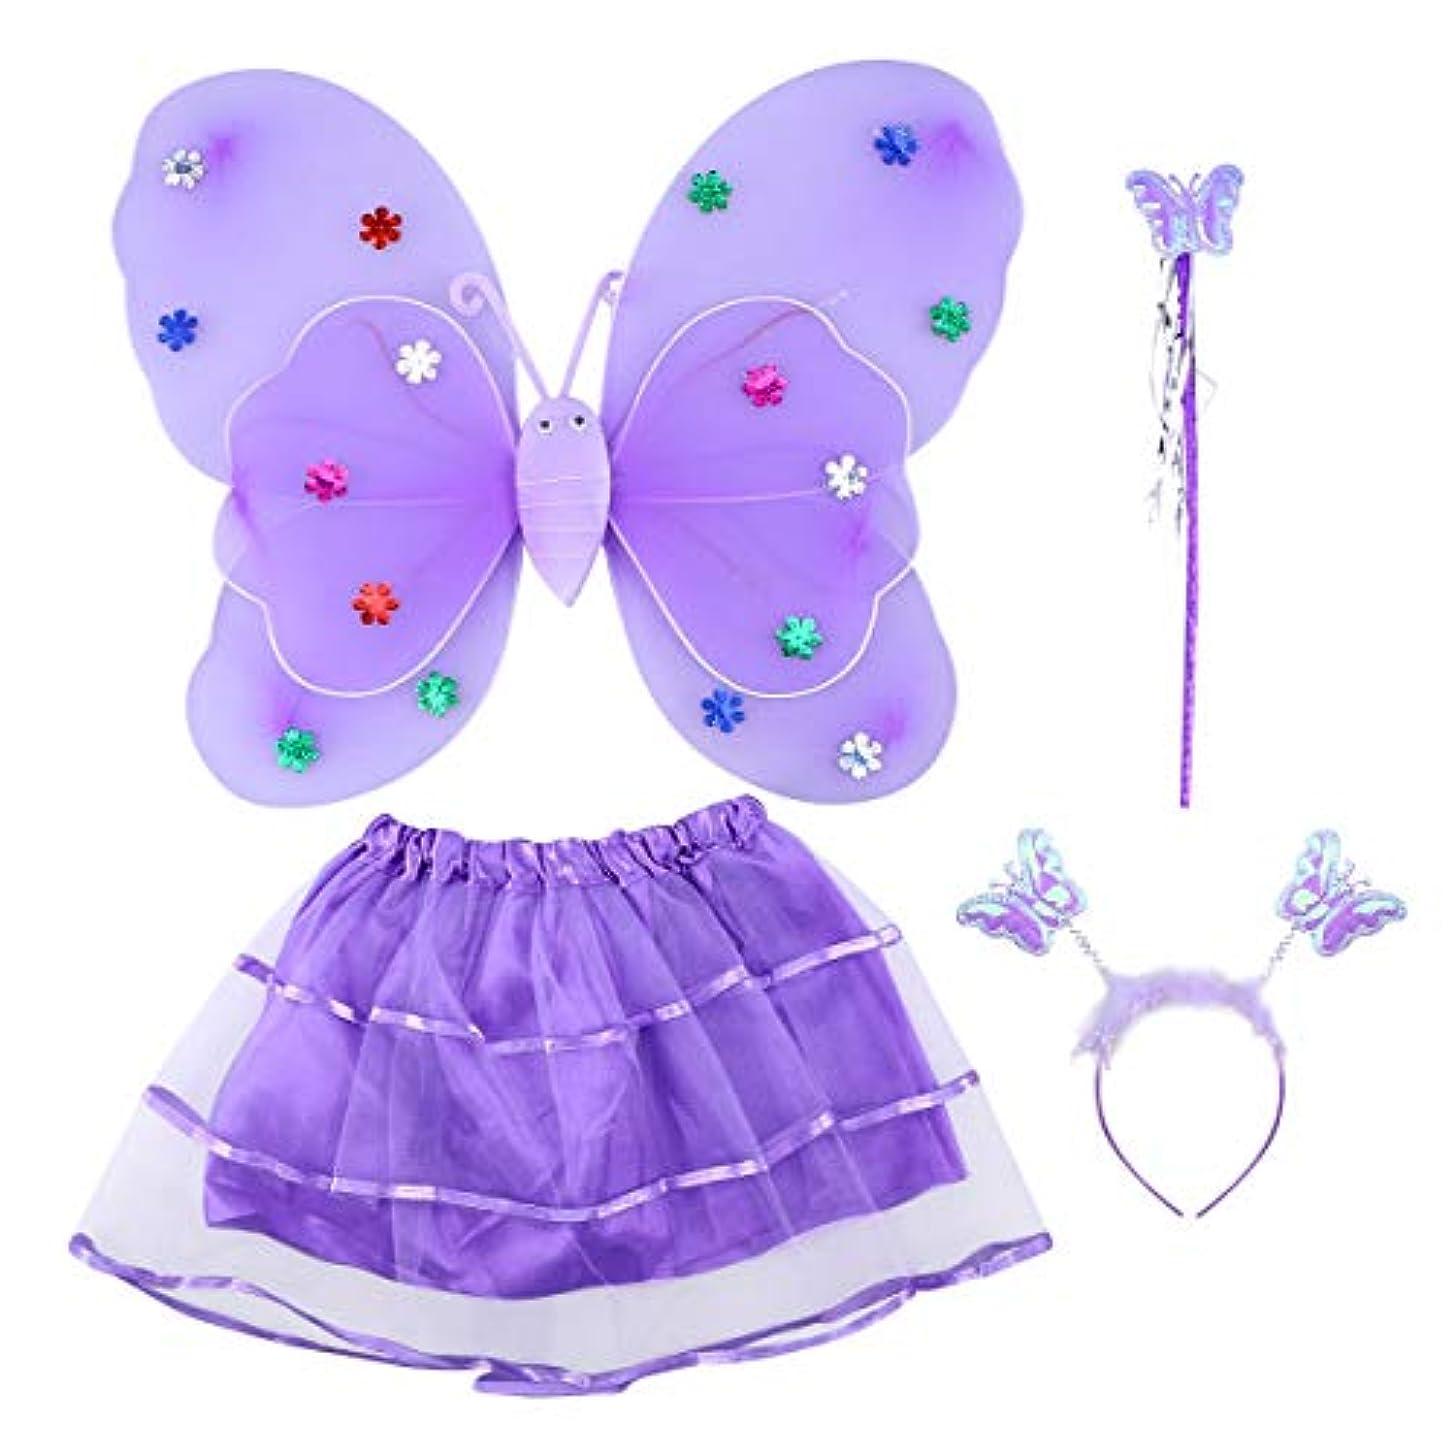 系統的欺インポートBESTOYARD 4本の女の子のチュチュスカート蝶の羽の杖LEDライトフェアリーコスチュームセット二重層蝶の羽の杖ヘッドバンドパーティーコスチュームセット(パープル)